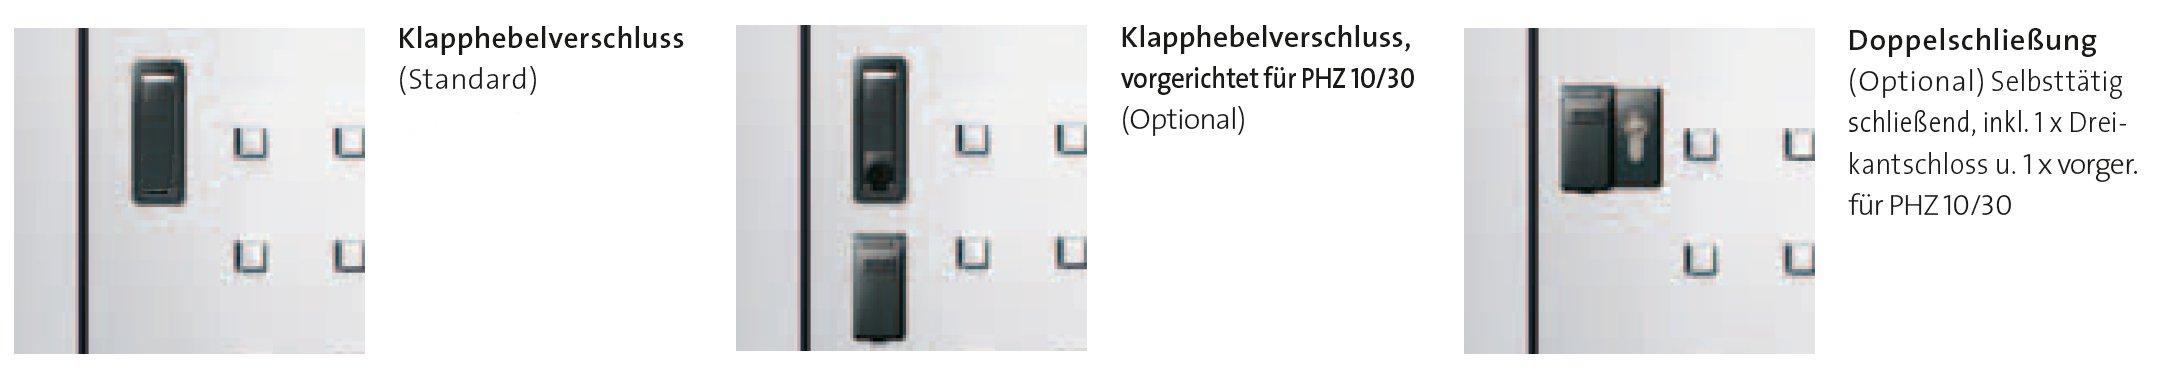 Verschluss-Systeme-Paul-Wolff-Silent5a1d7f50b57c2